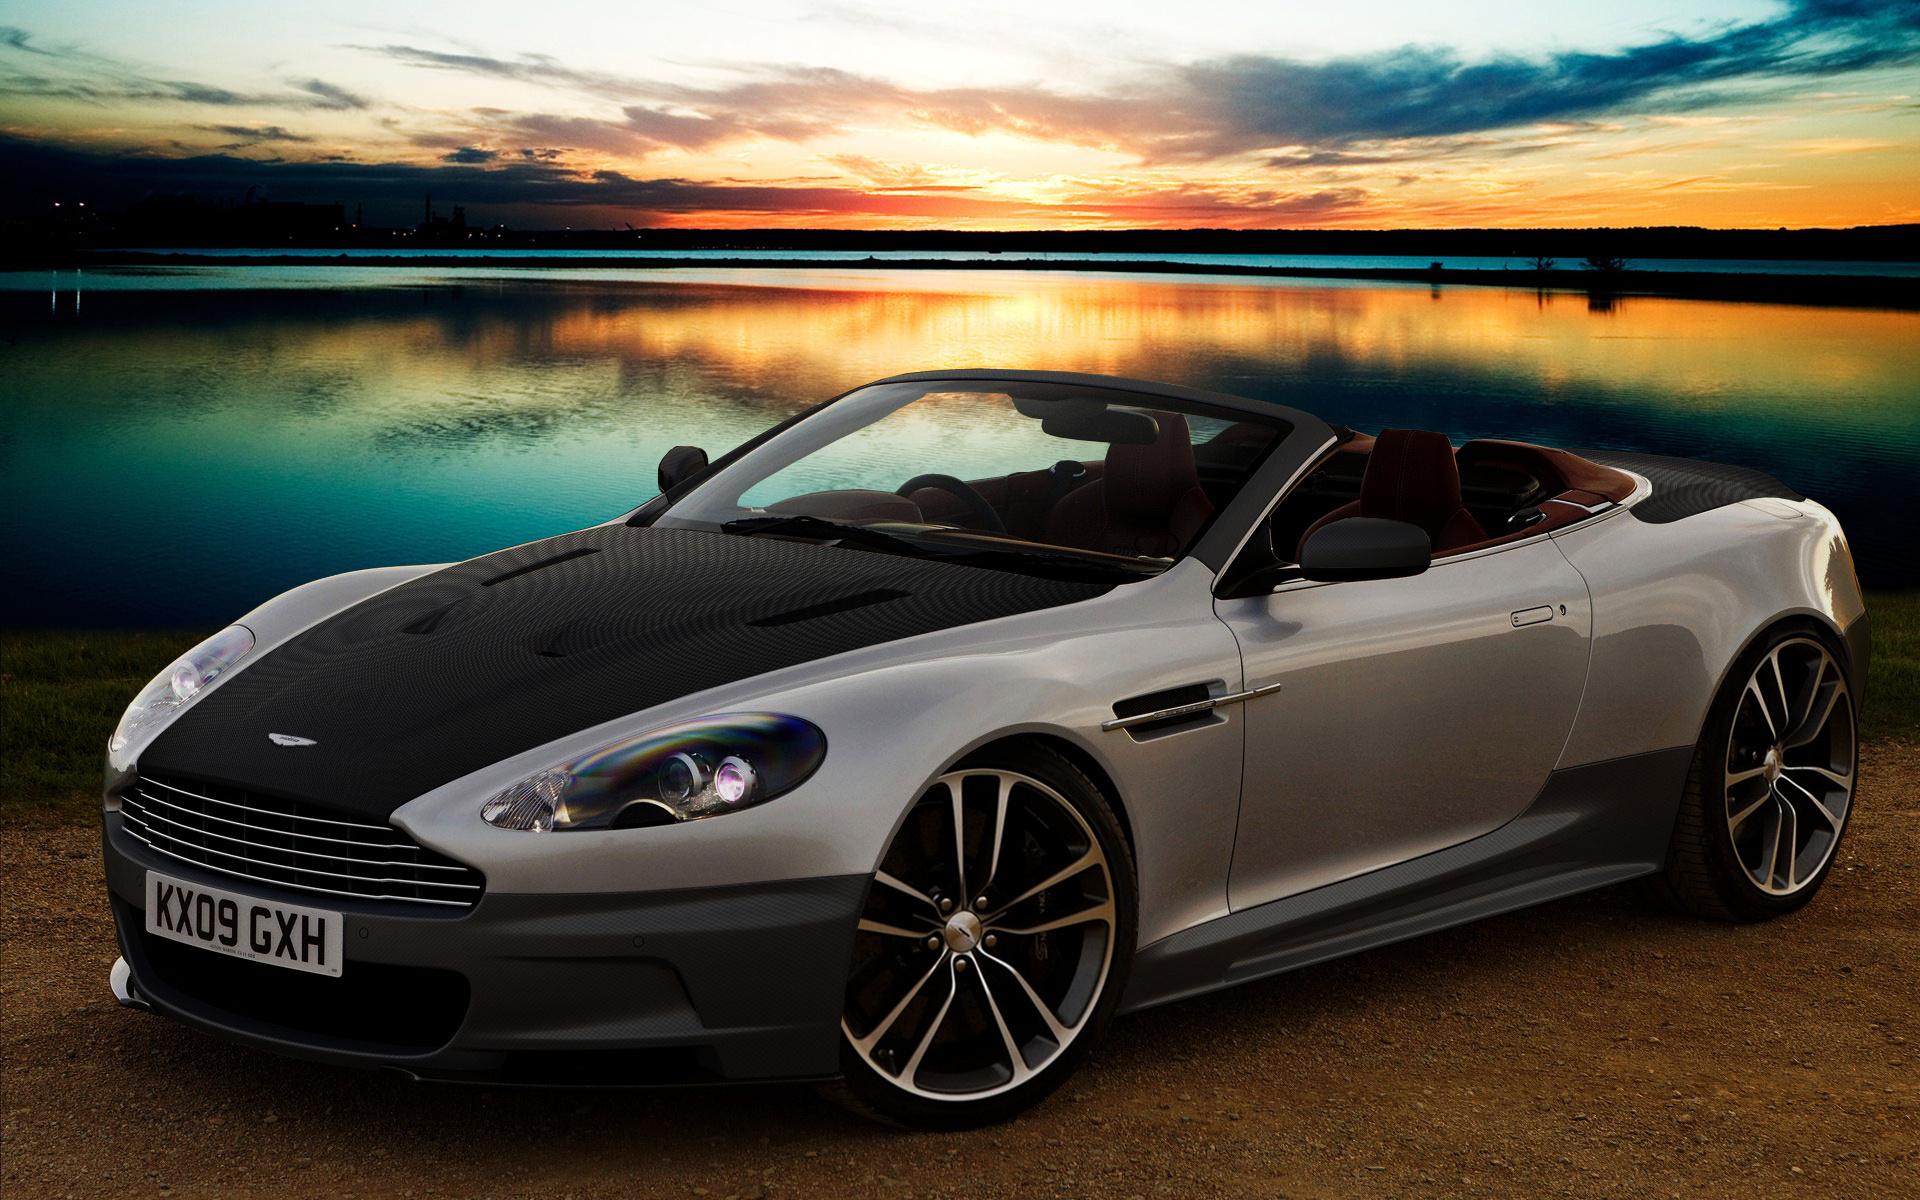 49897 скачать обои Транспорт, Машины, Астон Мартин (Aston Martin) - заставки и картинки бесплатно